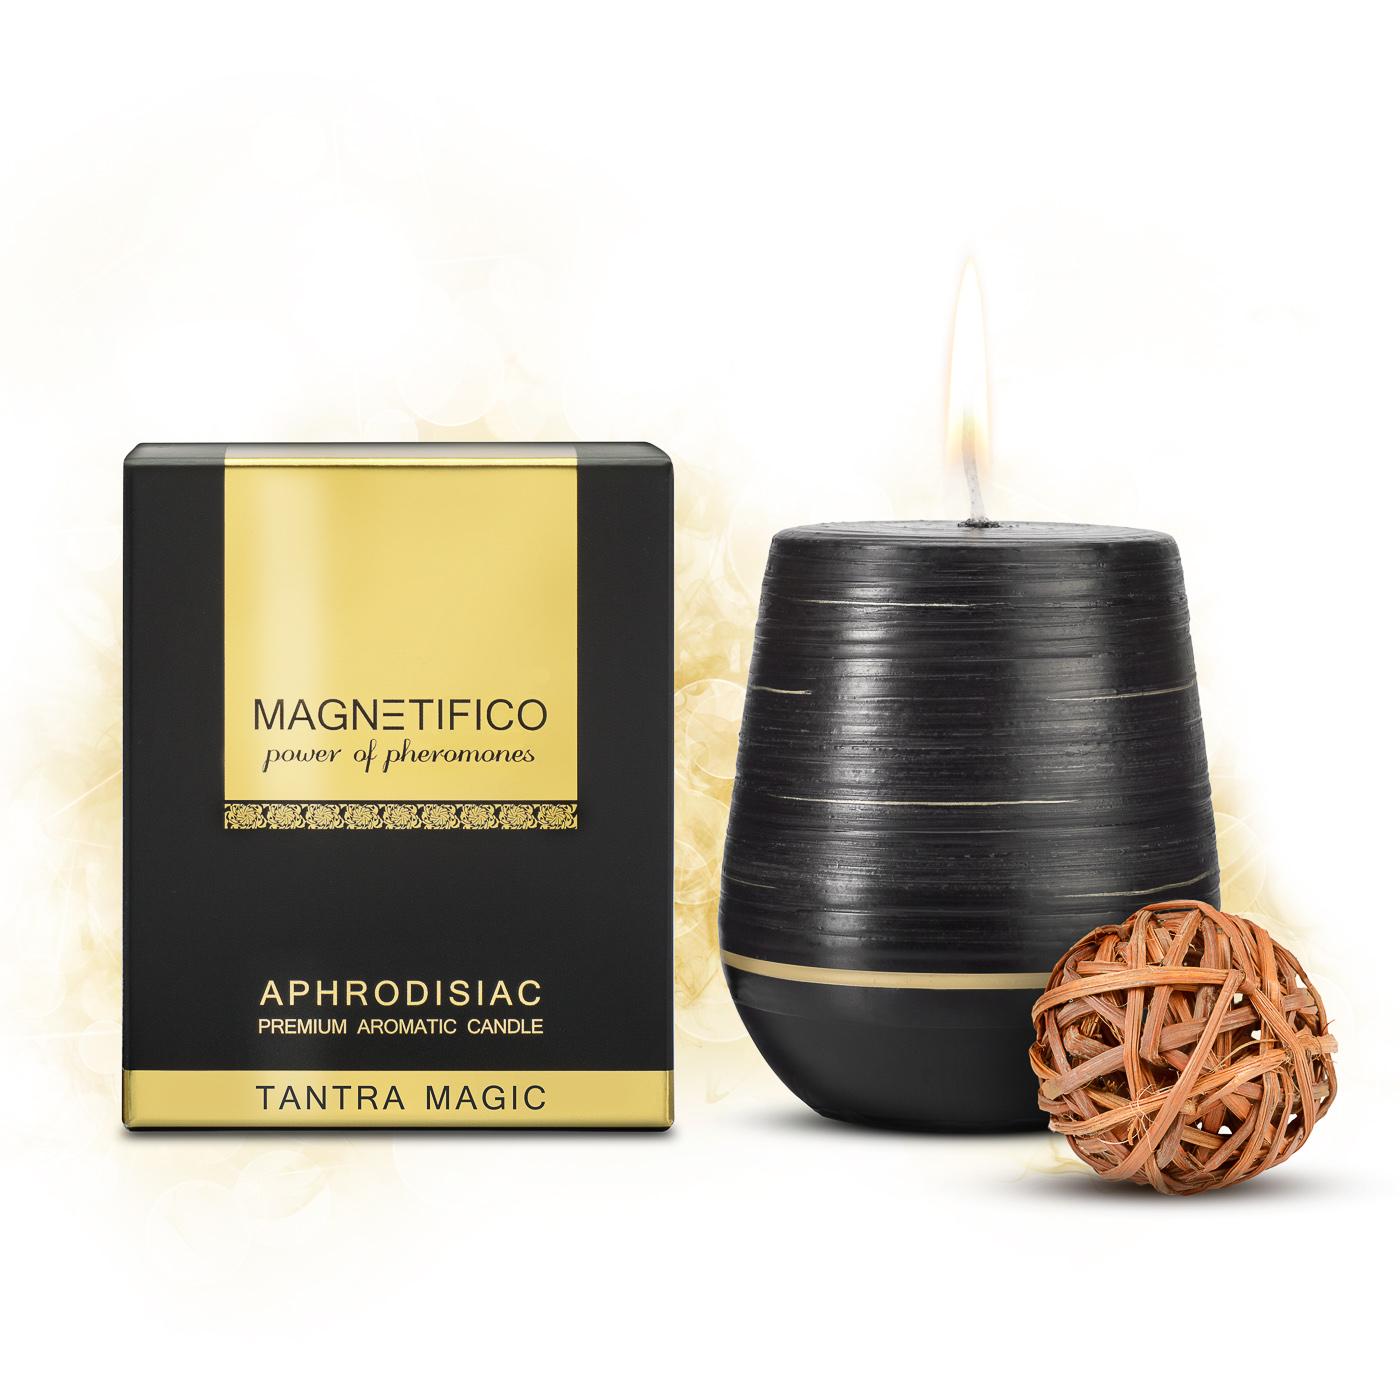 afrodiziakální svíčka Magnetifico aphrodisiac candle Tantra magic